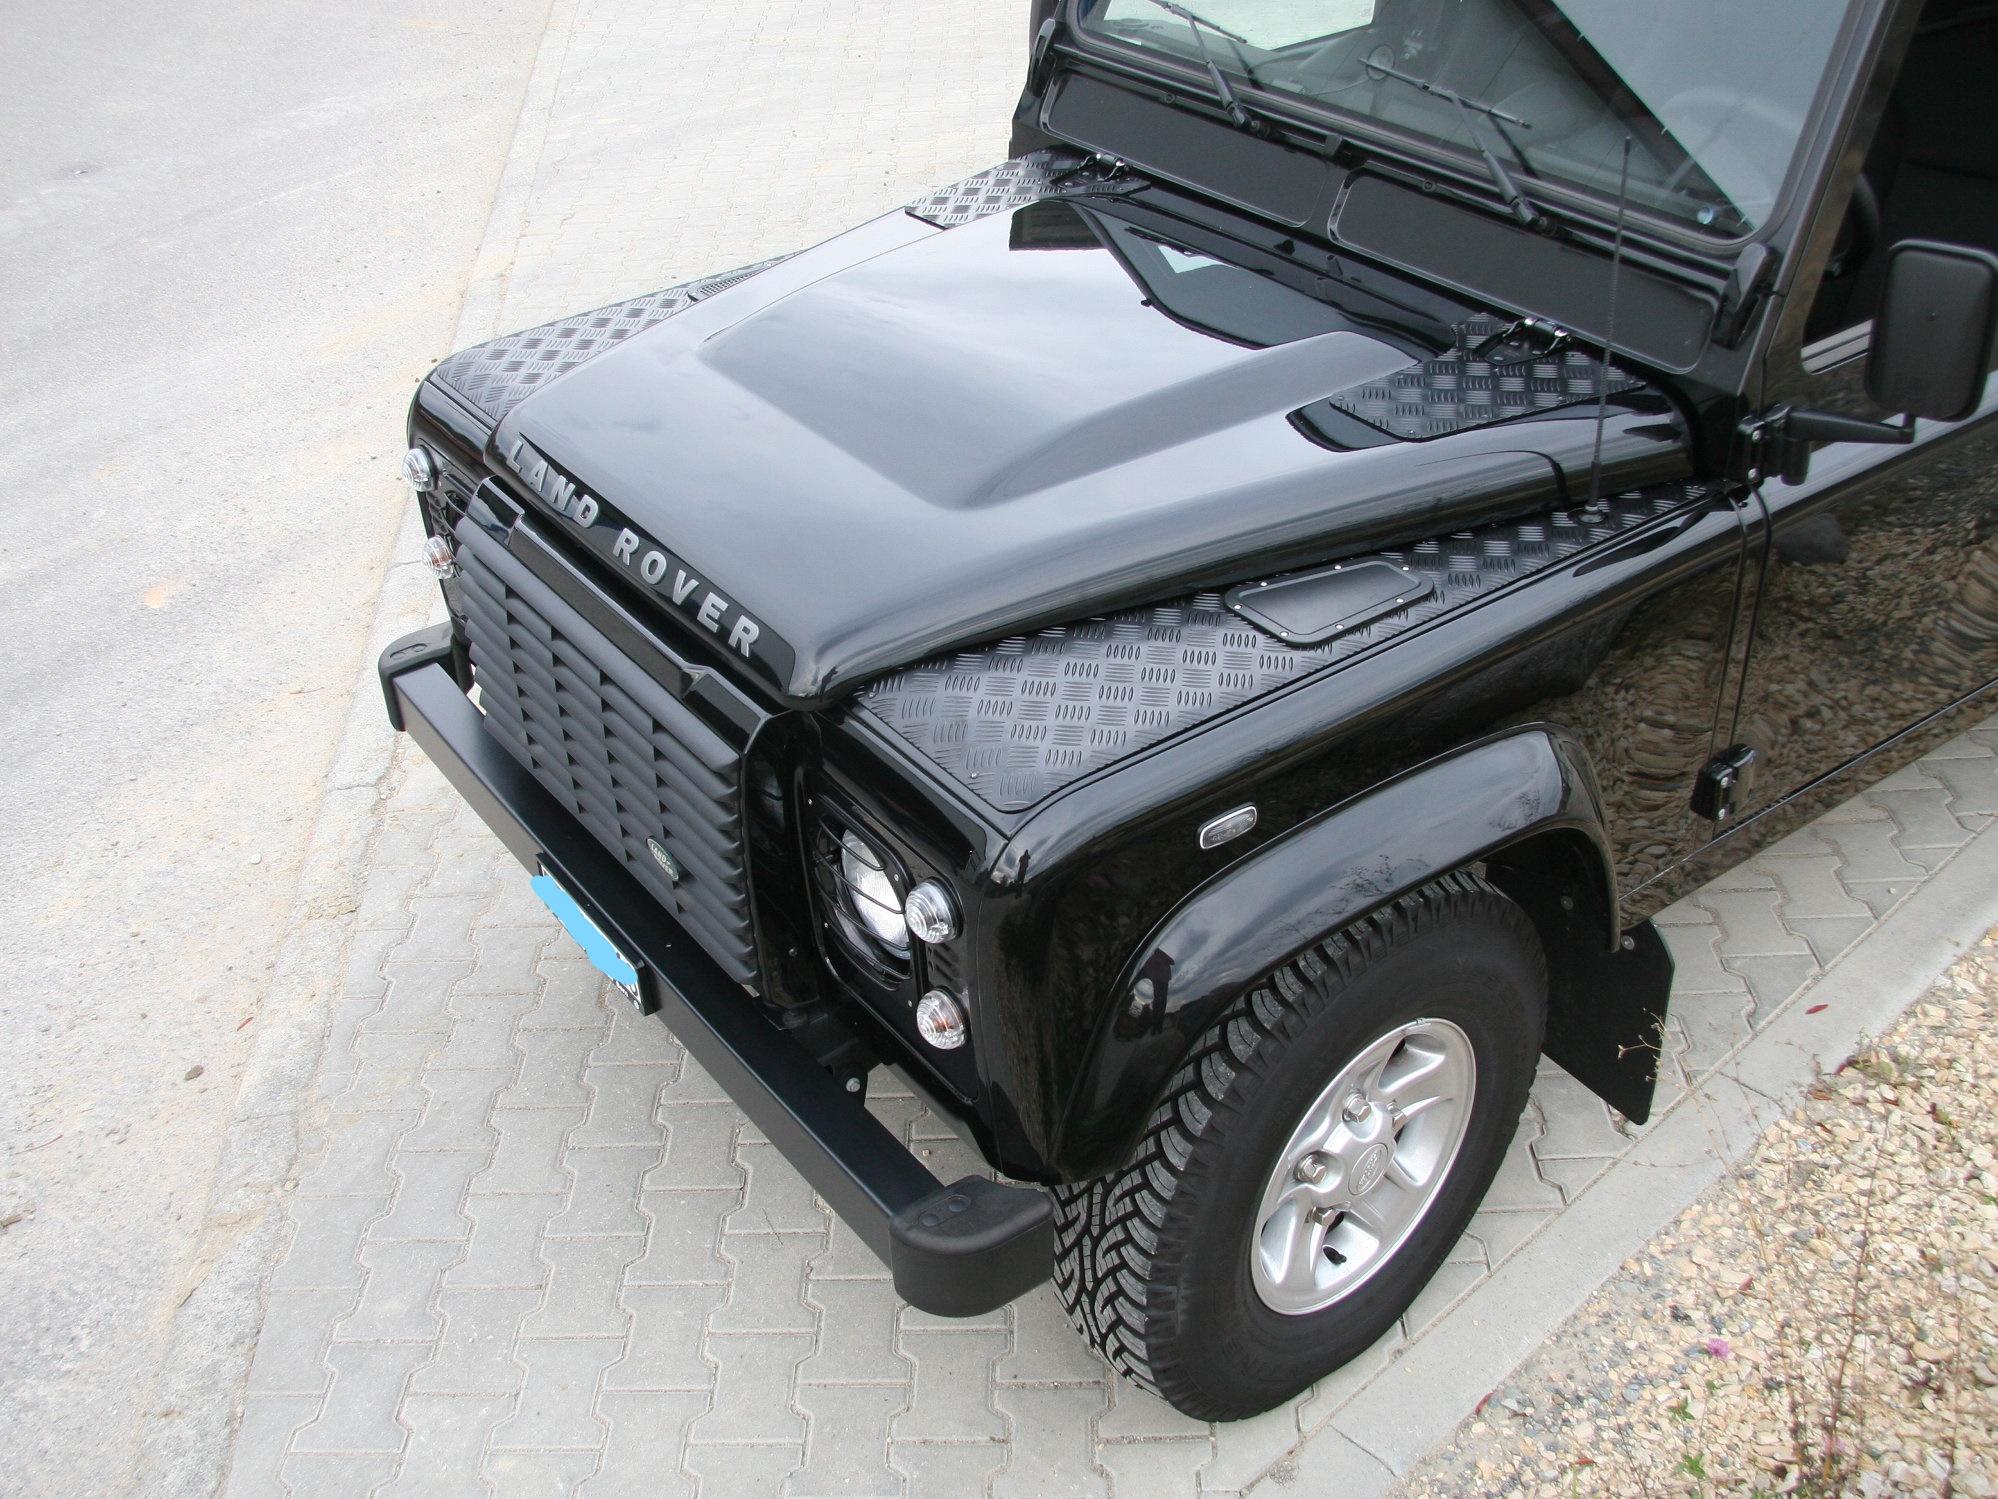 Kotflügel-Riffelblech, Haubentritte und verstärkte Scharniere am Land Rover Defender